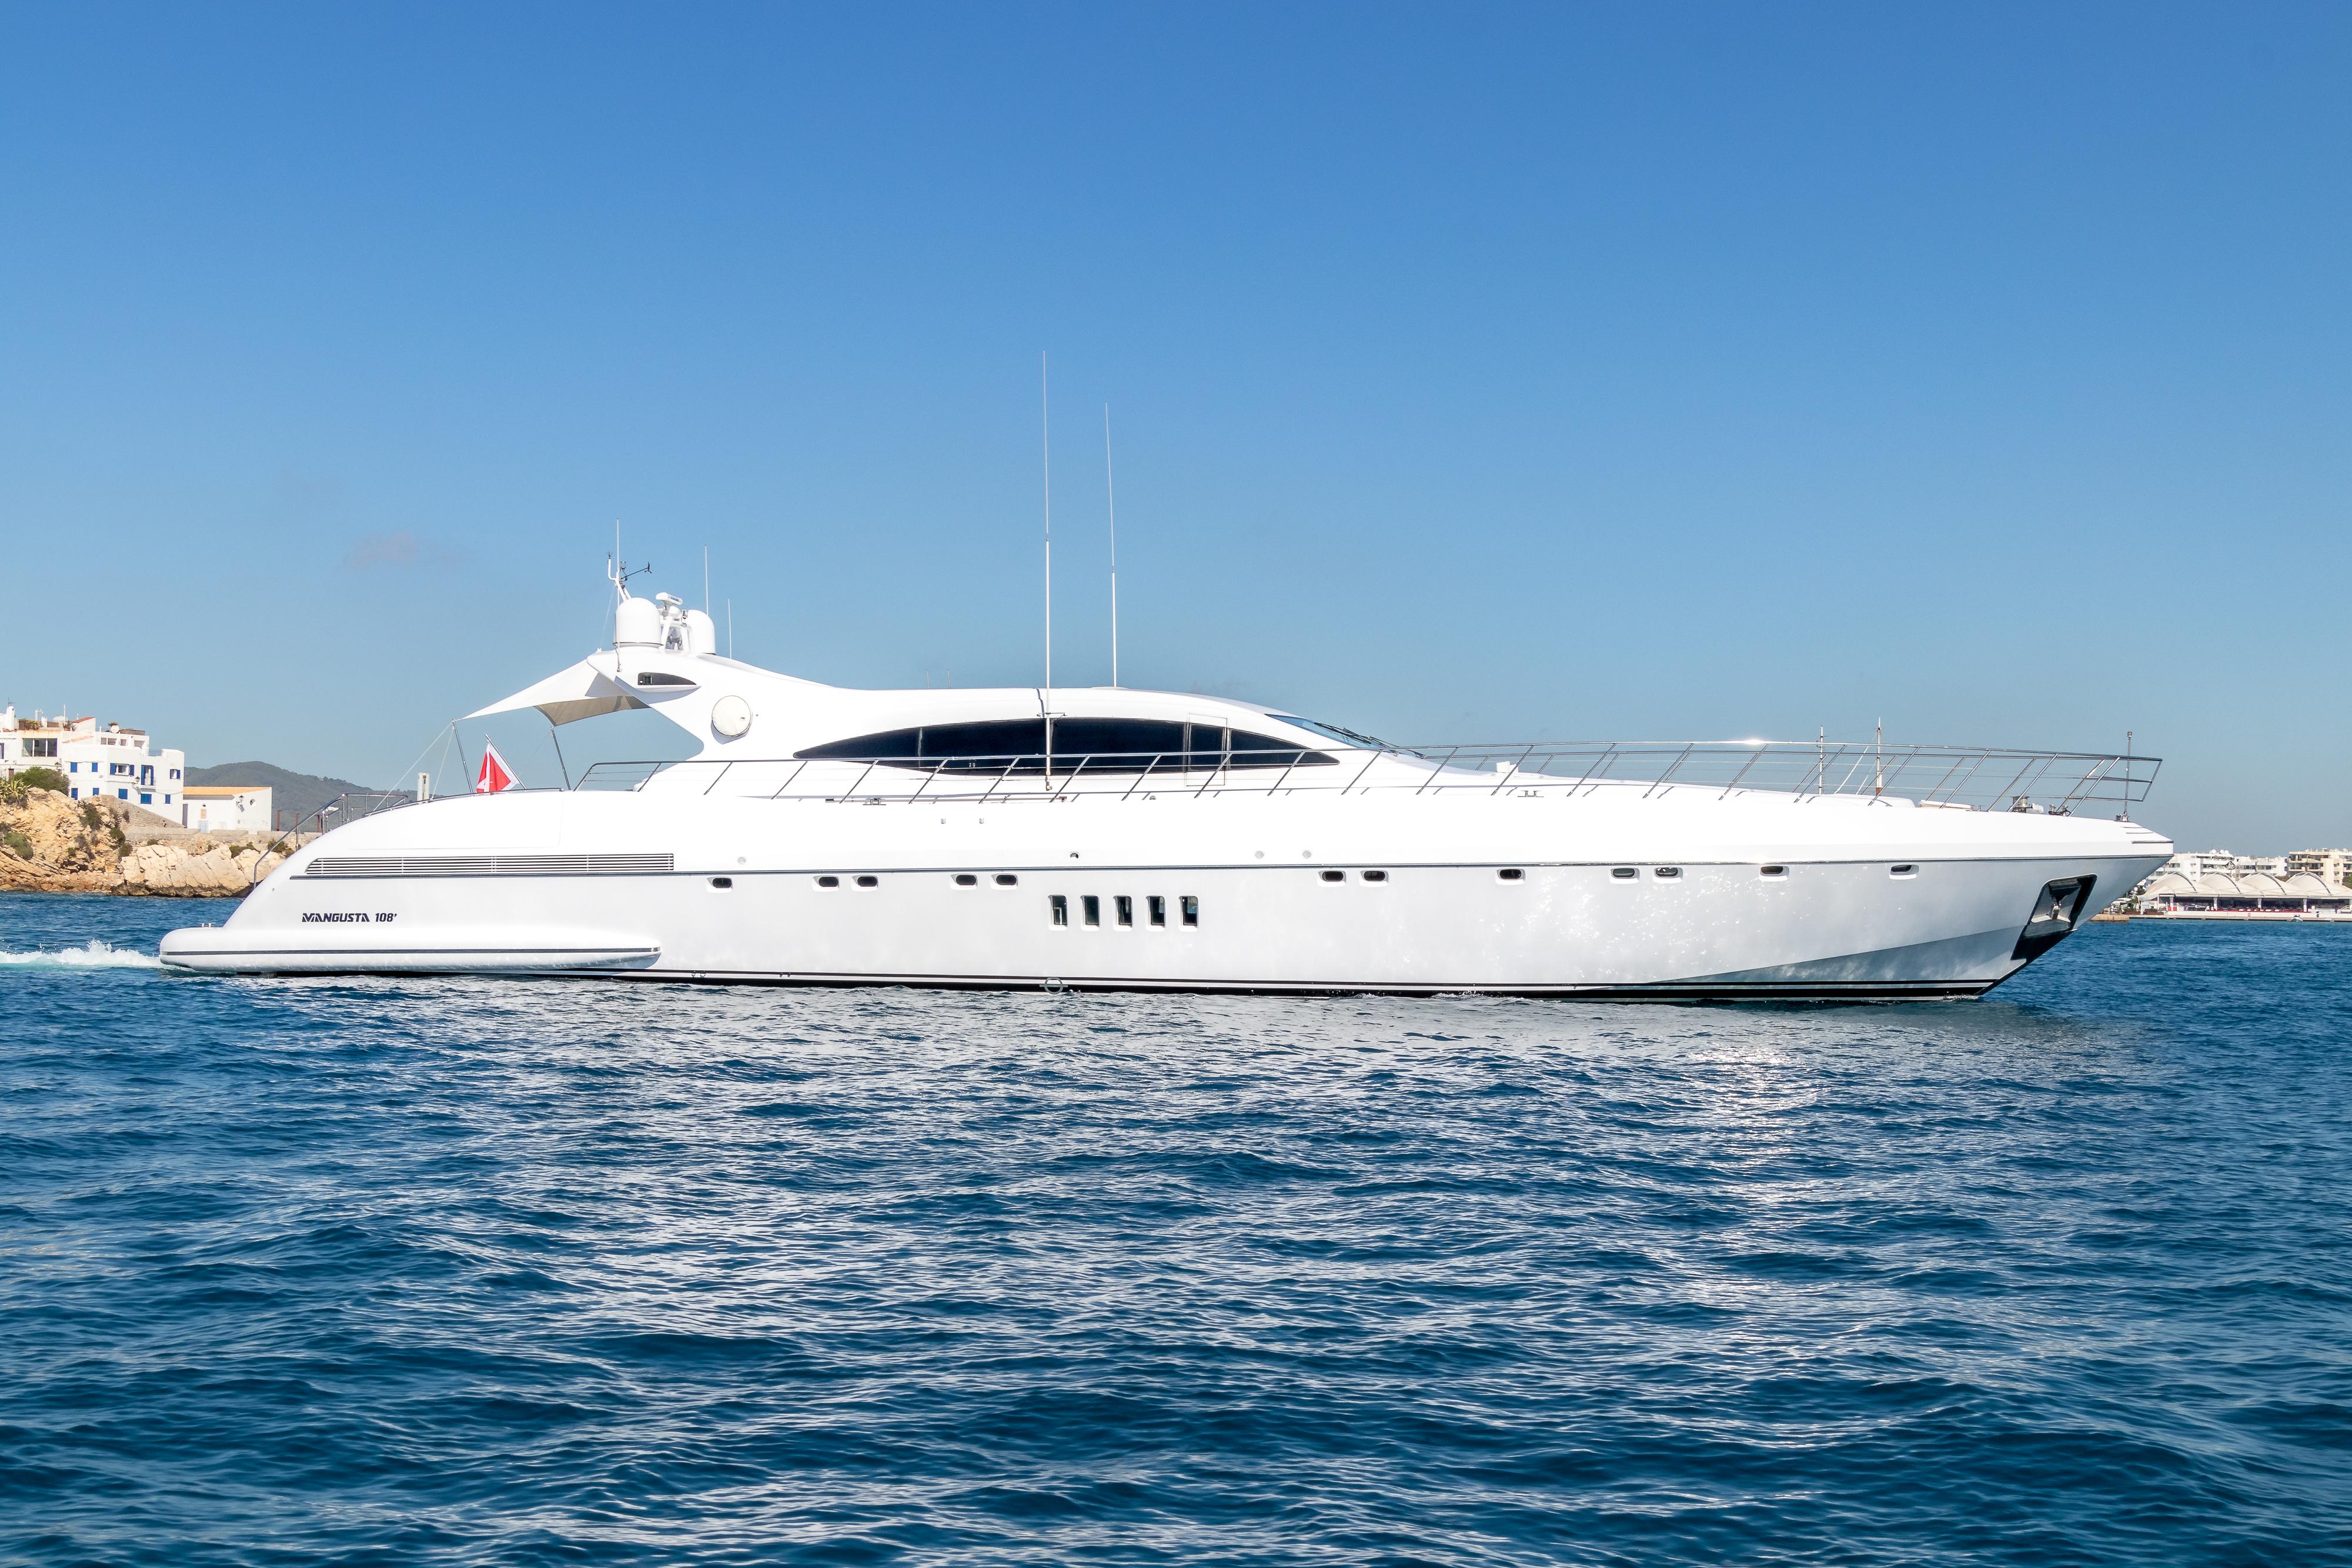 Mangusta-108-Yacht-Ibiza